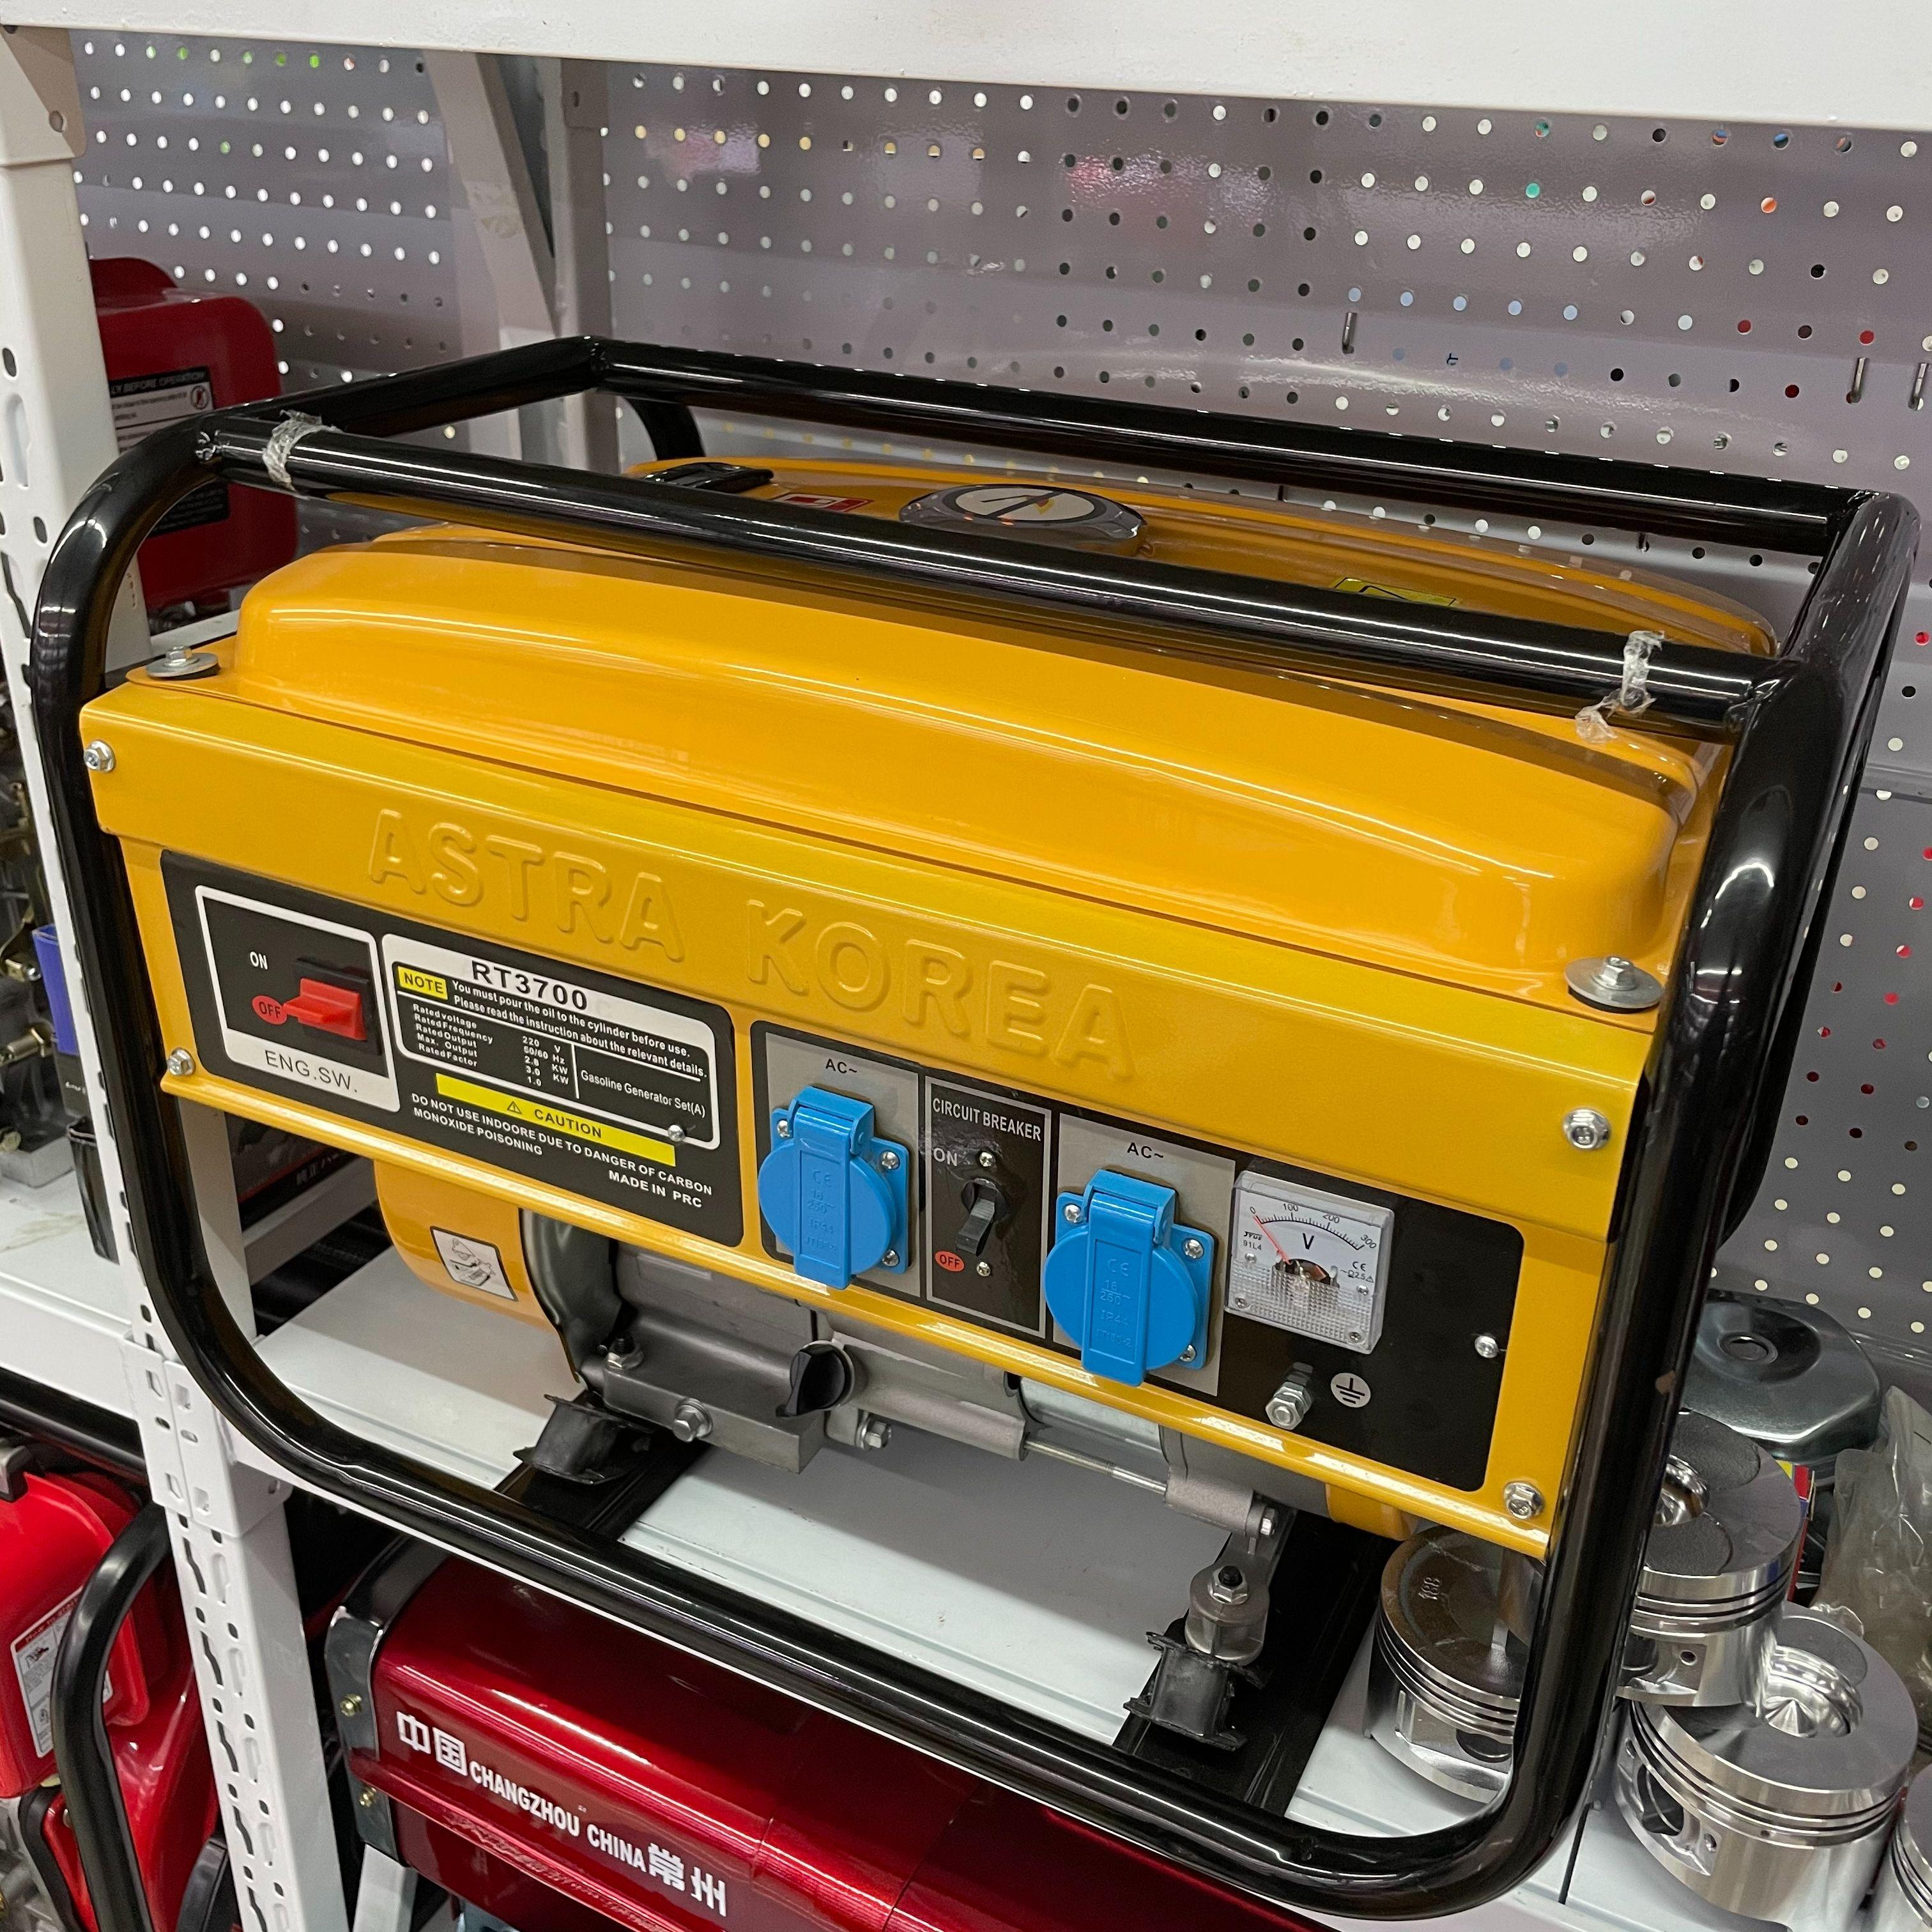 辉腾厂家外贸直销 小型3kw汽油发电机便携式家用发电机 大功率单相220v多用途发电机